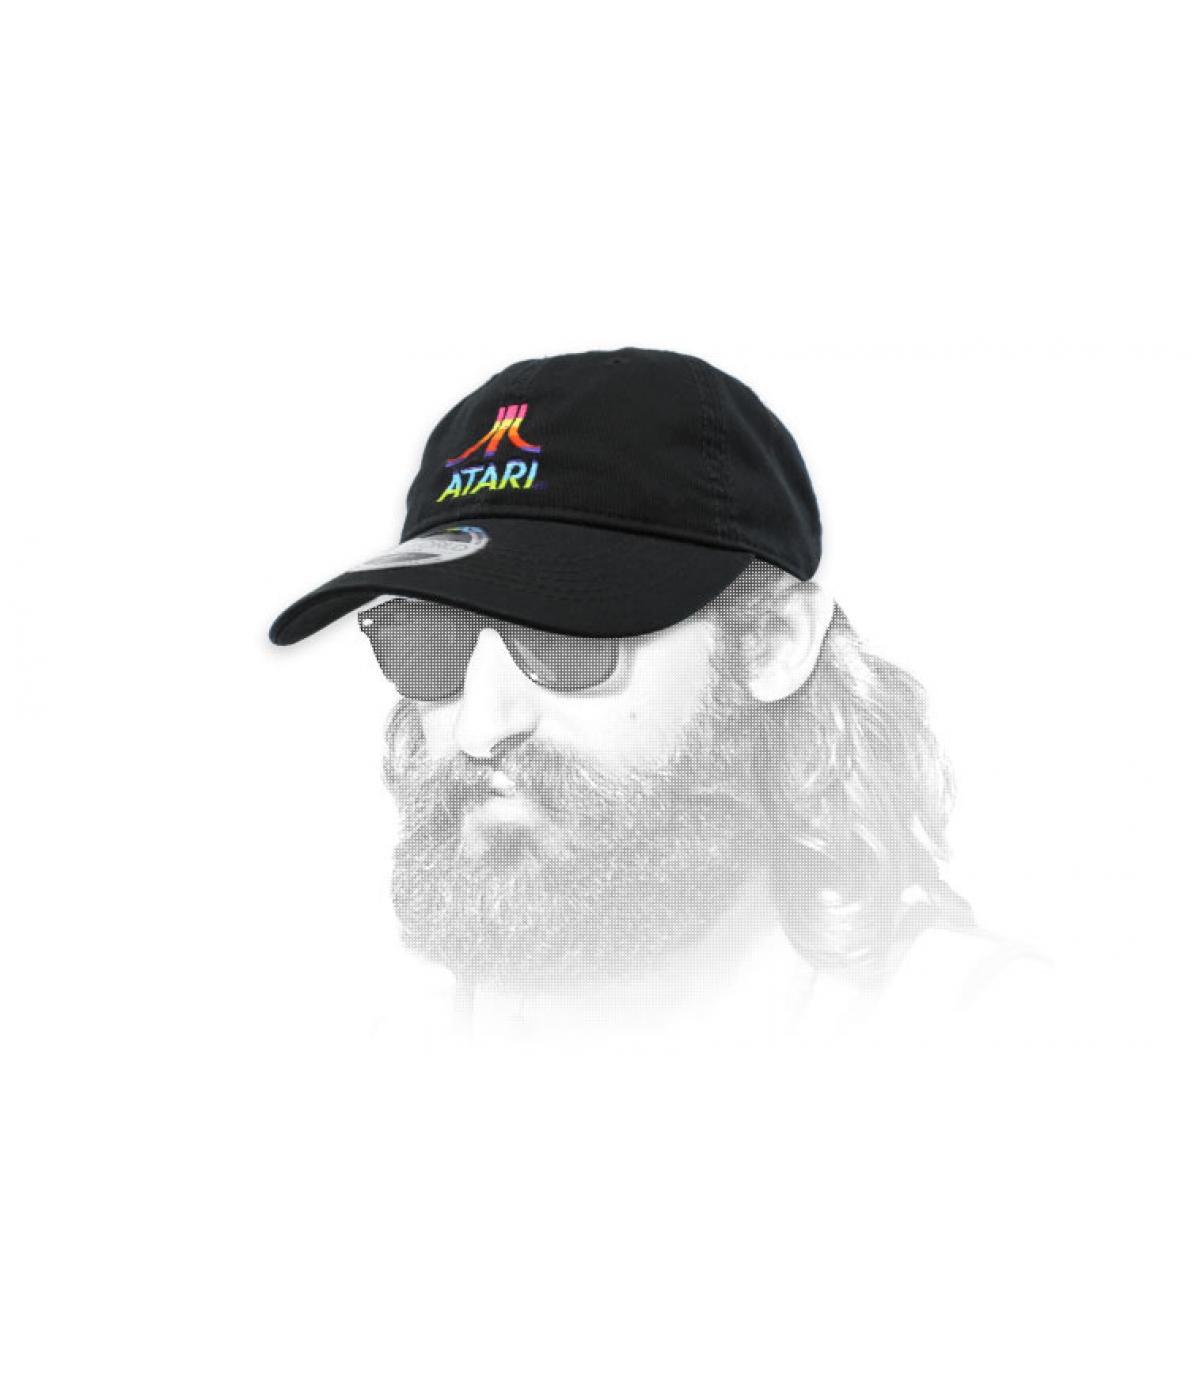 Cappellino logo Atari